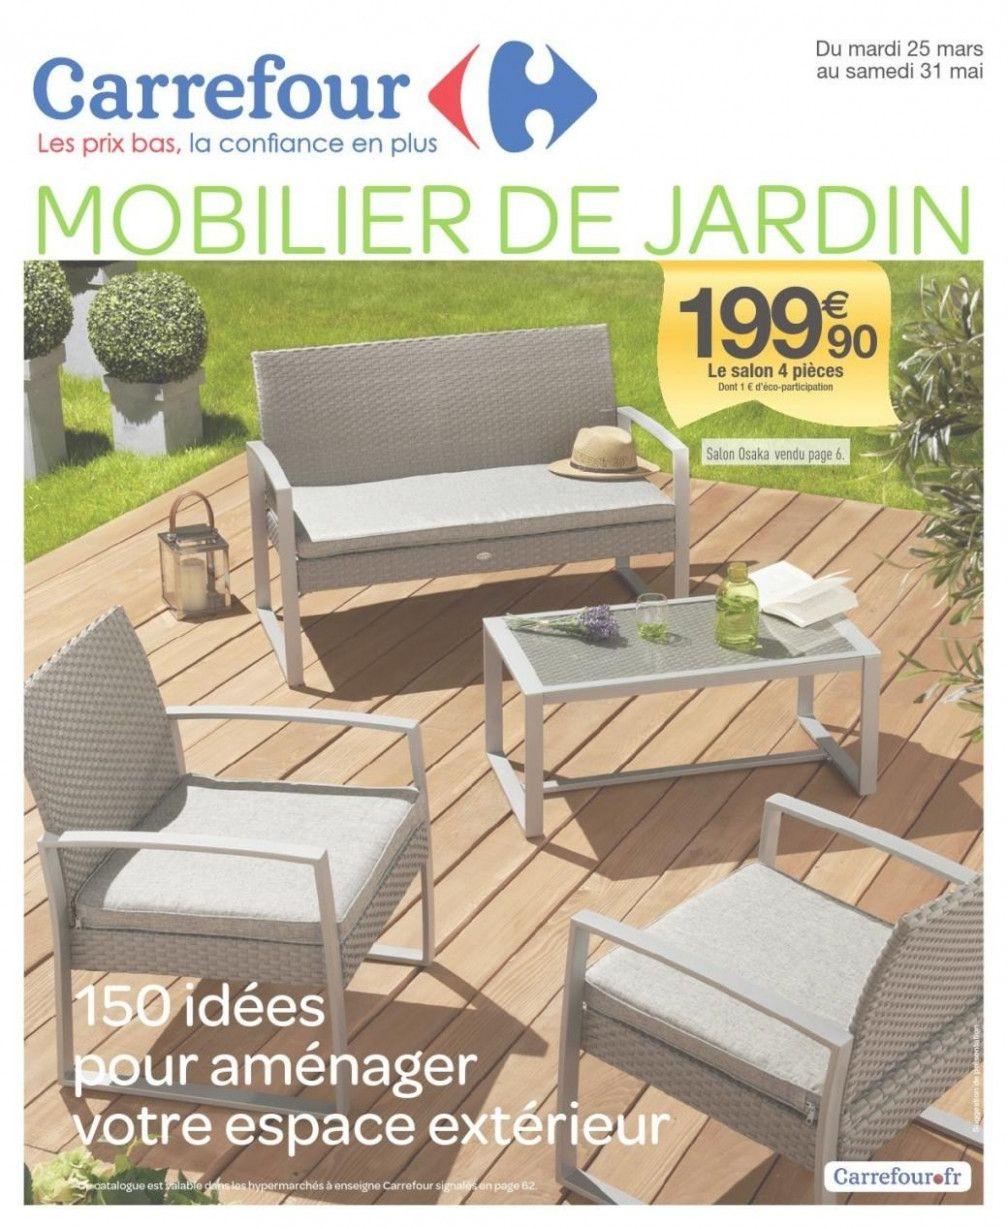 Maxi Bazar Salon De Jardin In 2020 Outdoor Furniture Sets Furniture Outdoor Furniture